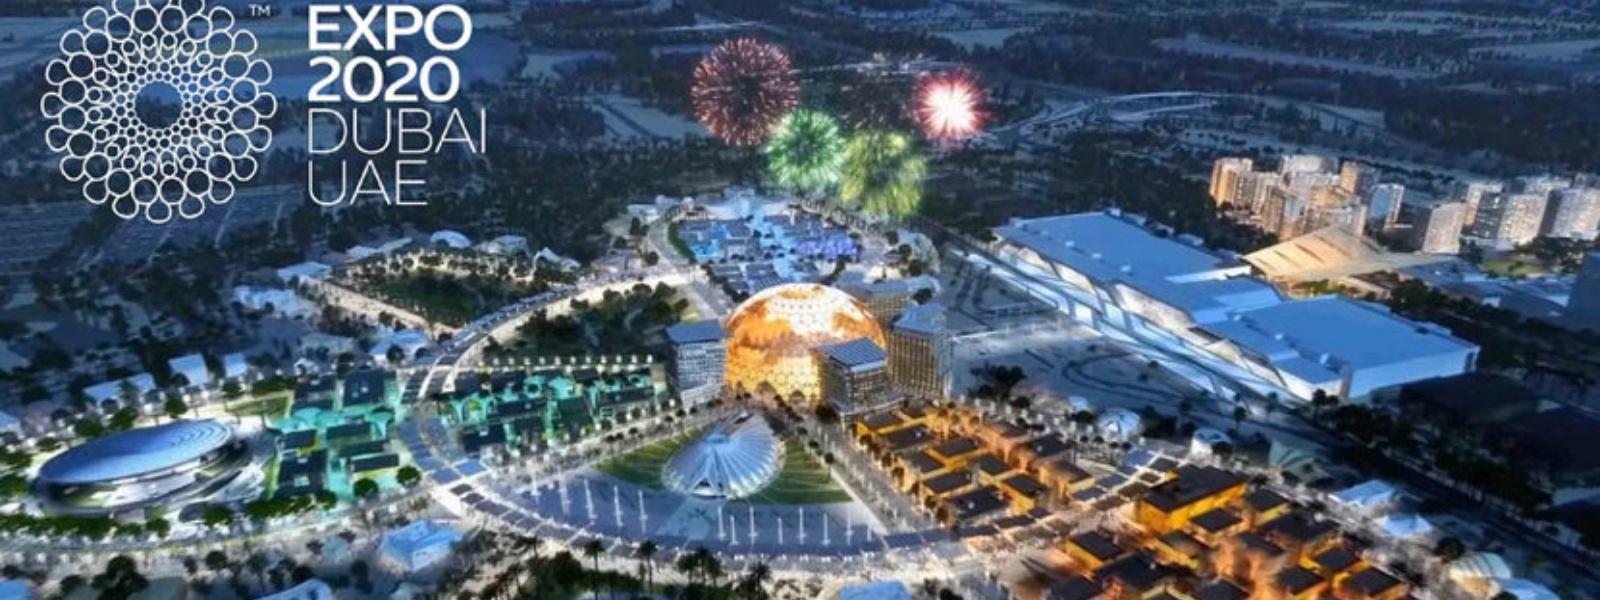 World Expo 2020